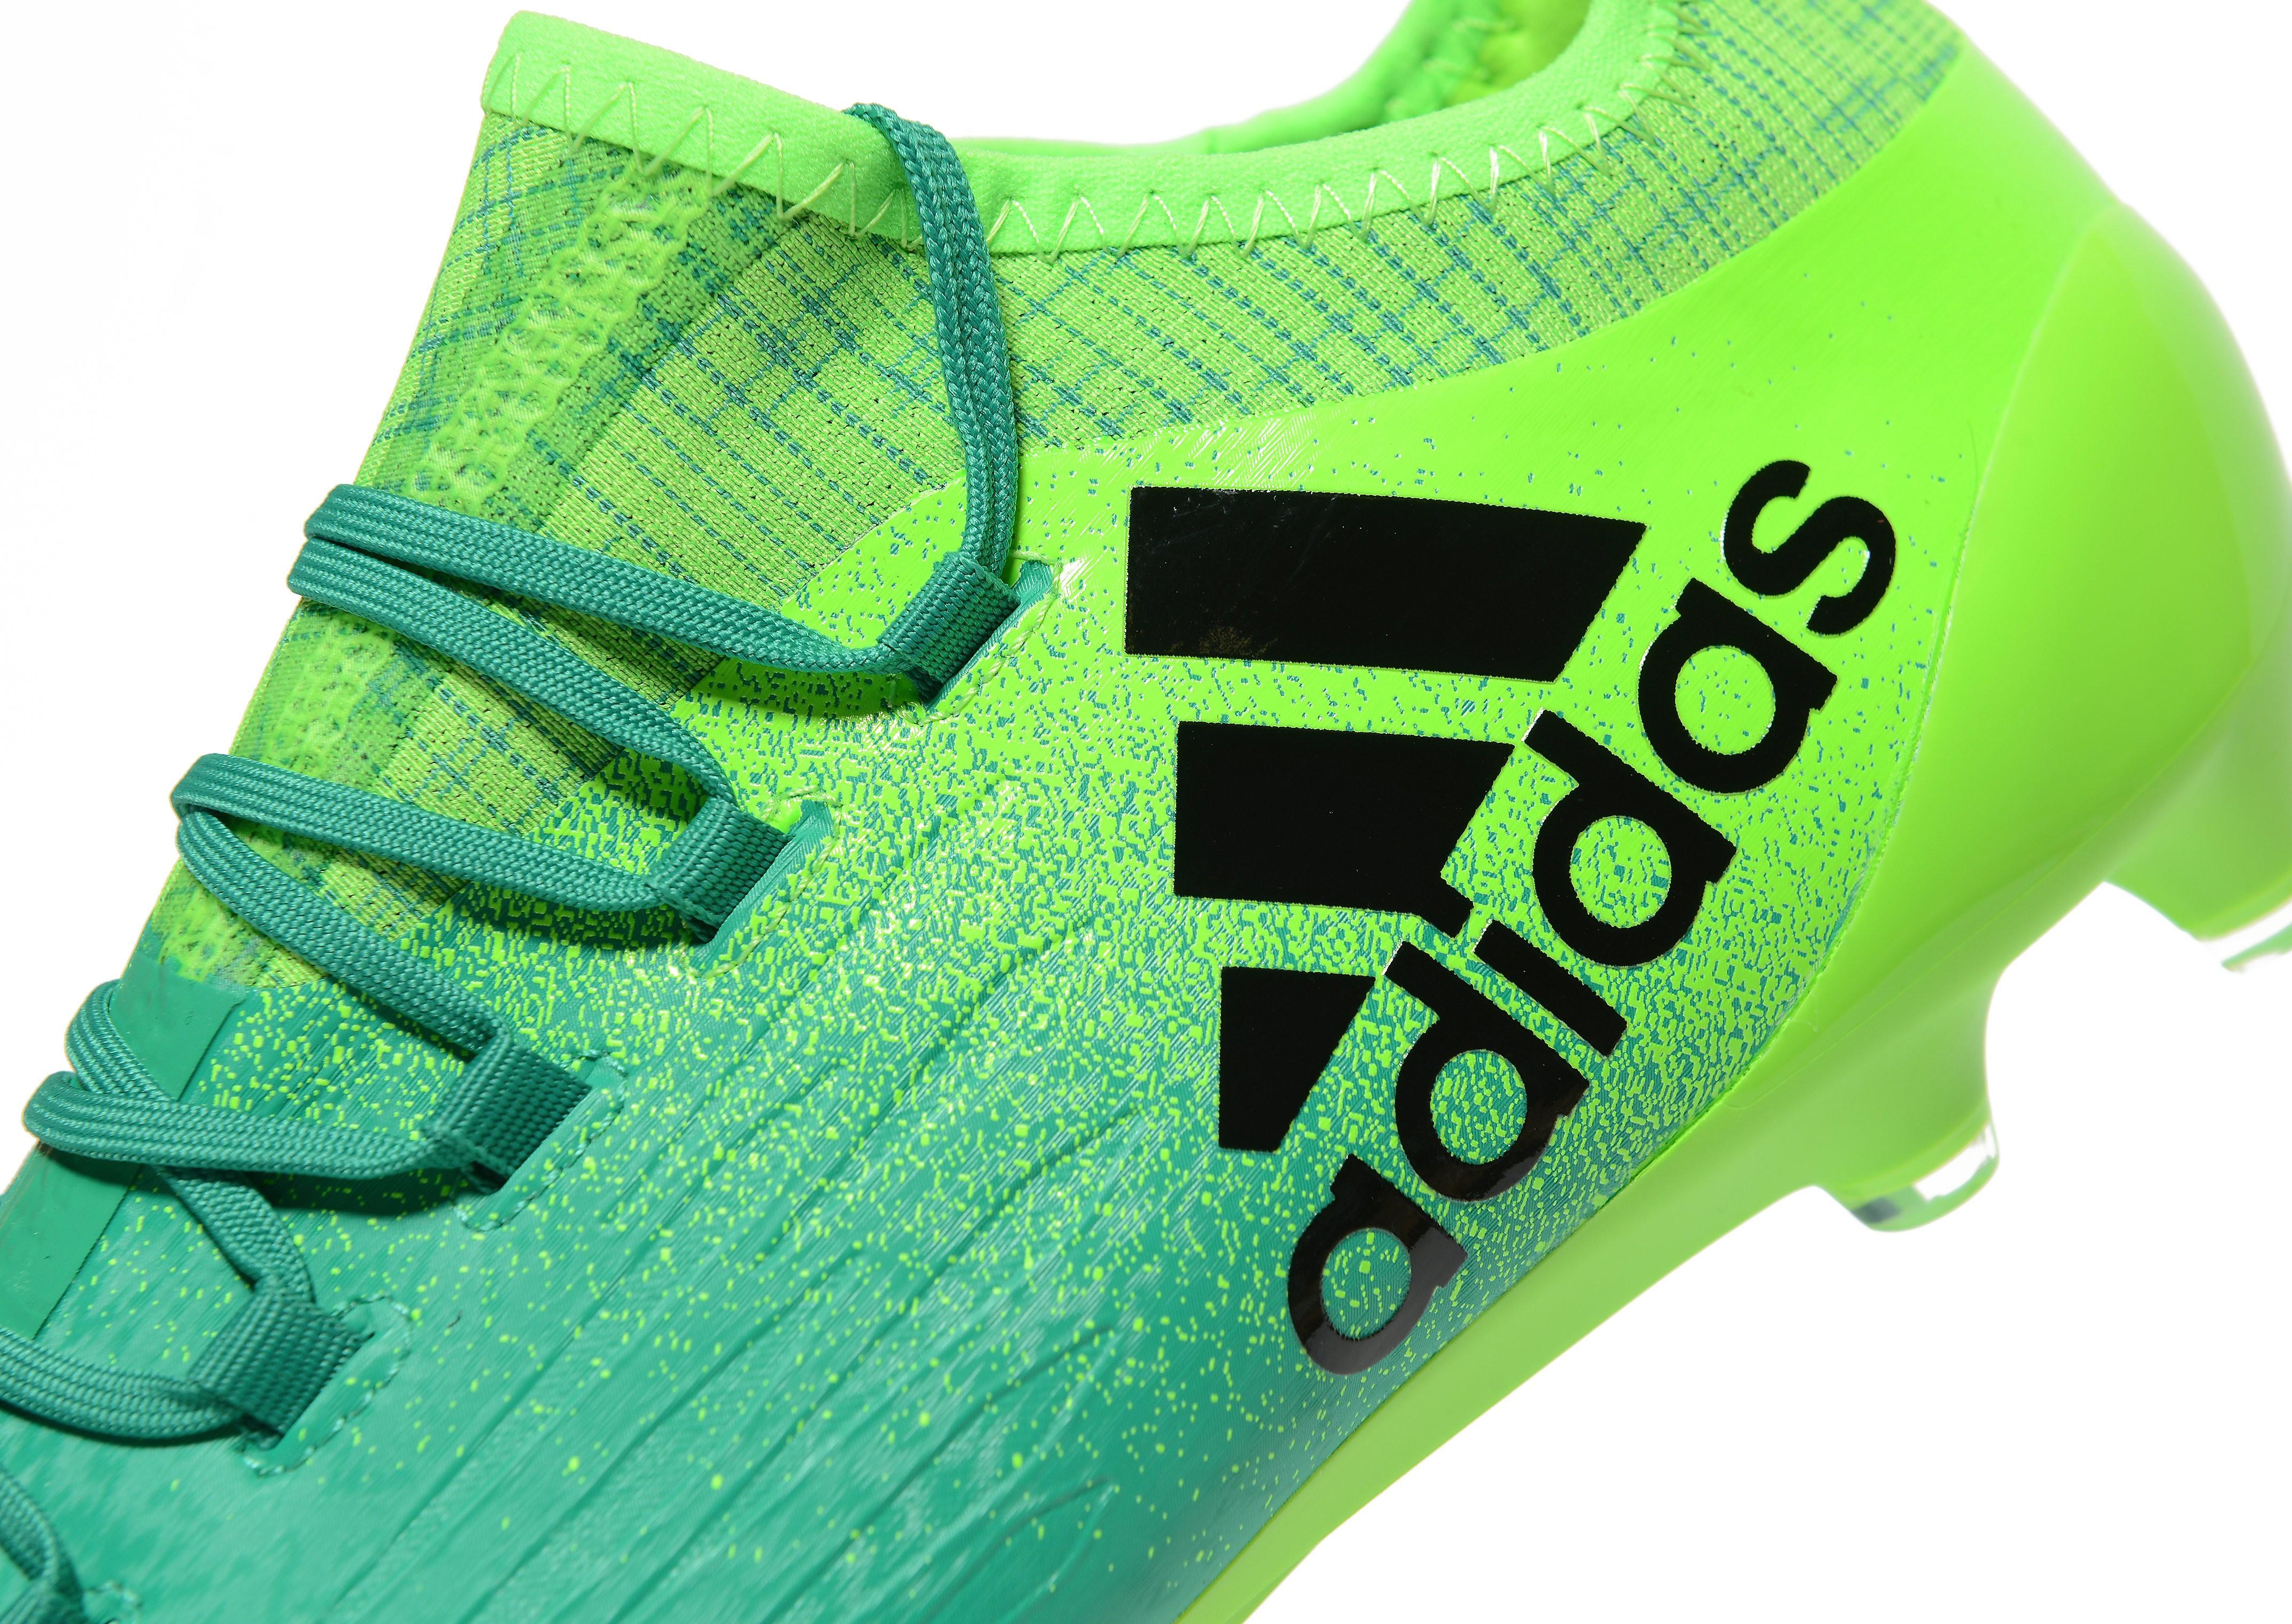 adidas Turbocharged X 16.1 FG